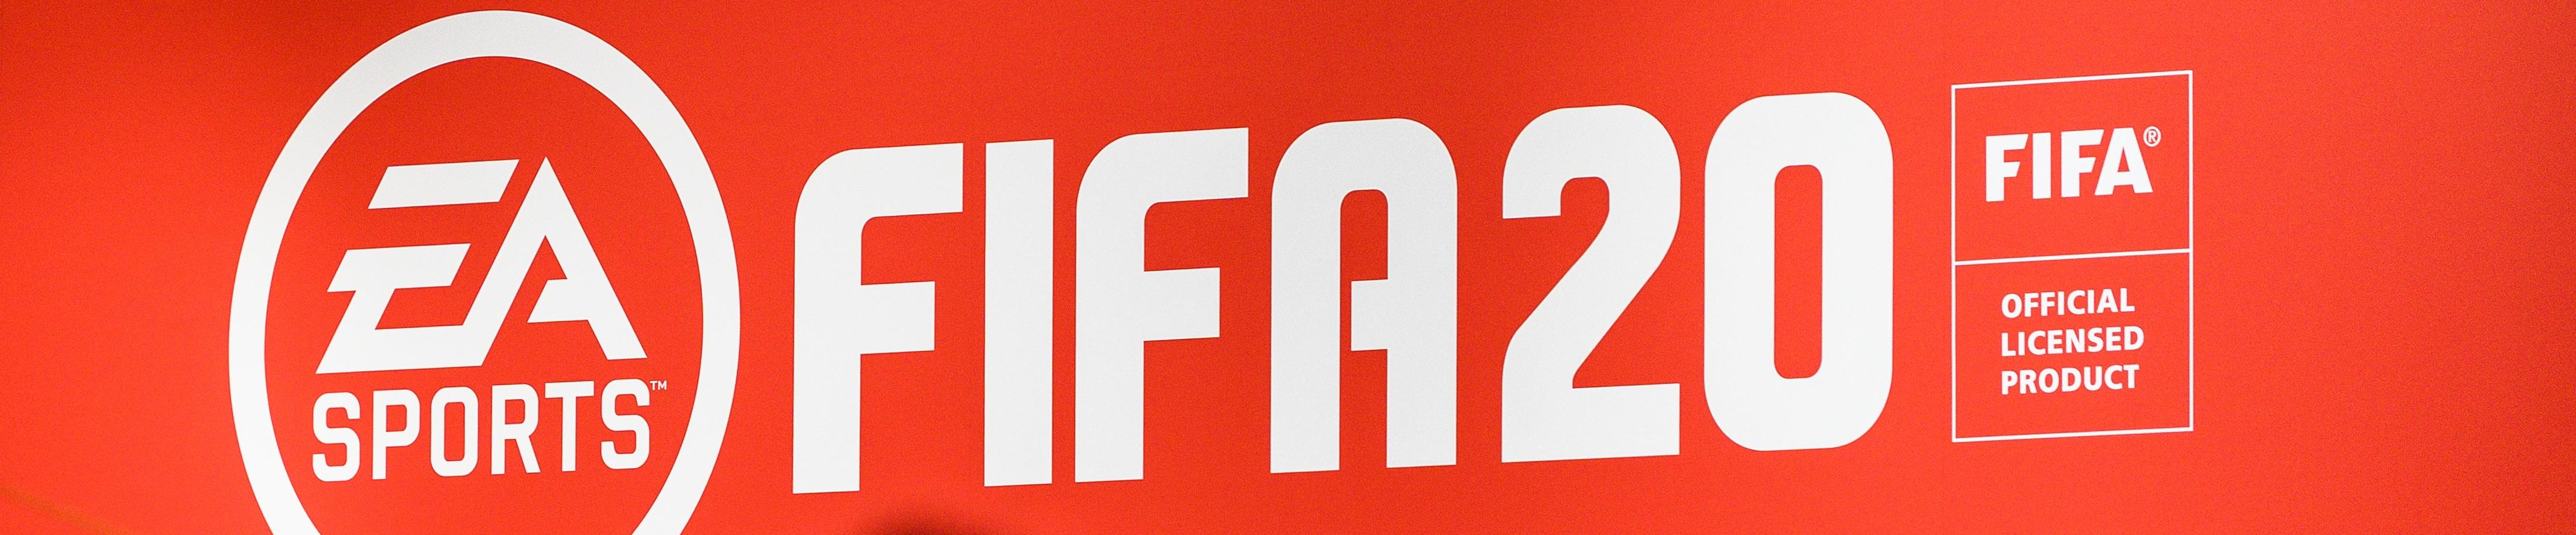 Come iniziare alla grande in FIFA 20